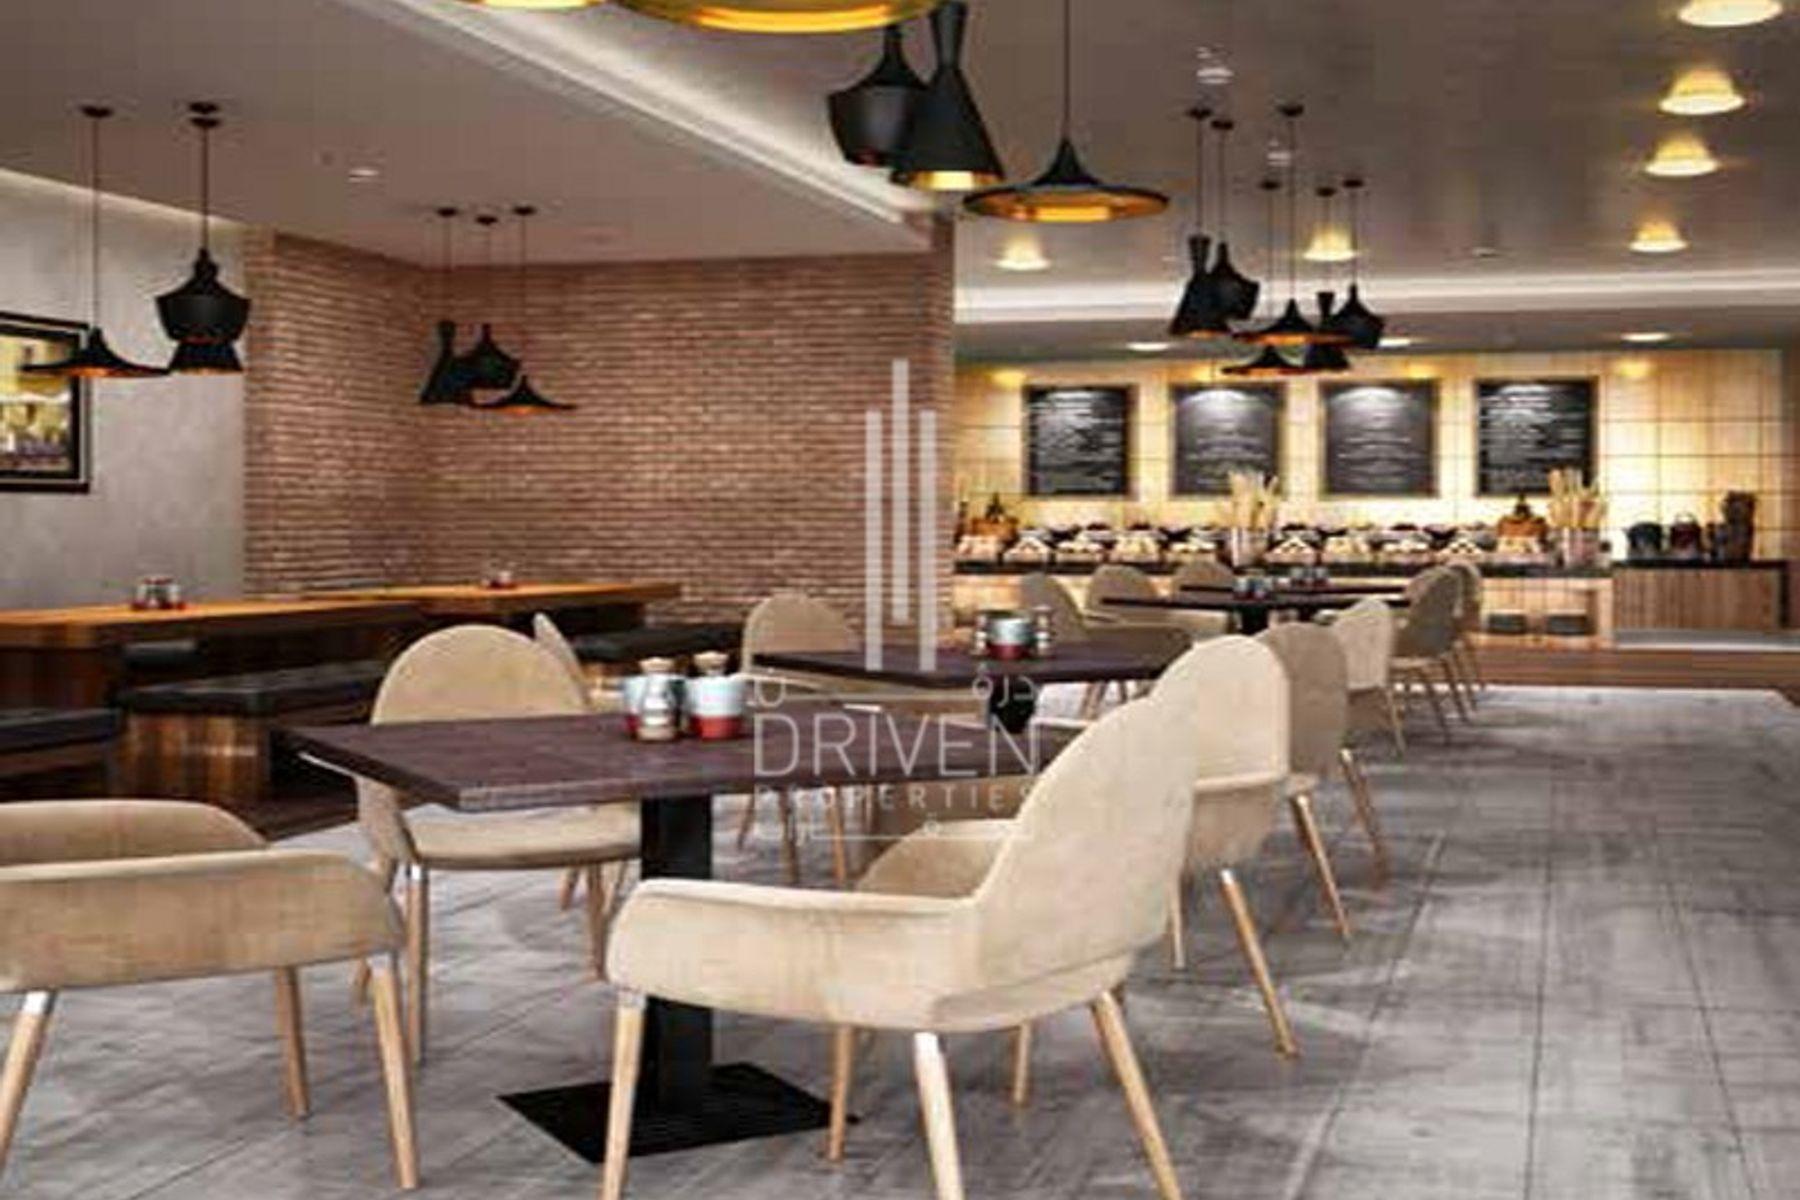 للبيع - شقة - سلسستيا - دبي الجنوب (مركز دبي العالمي)